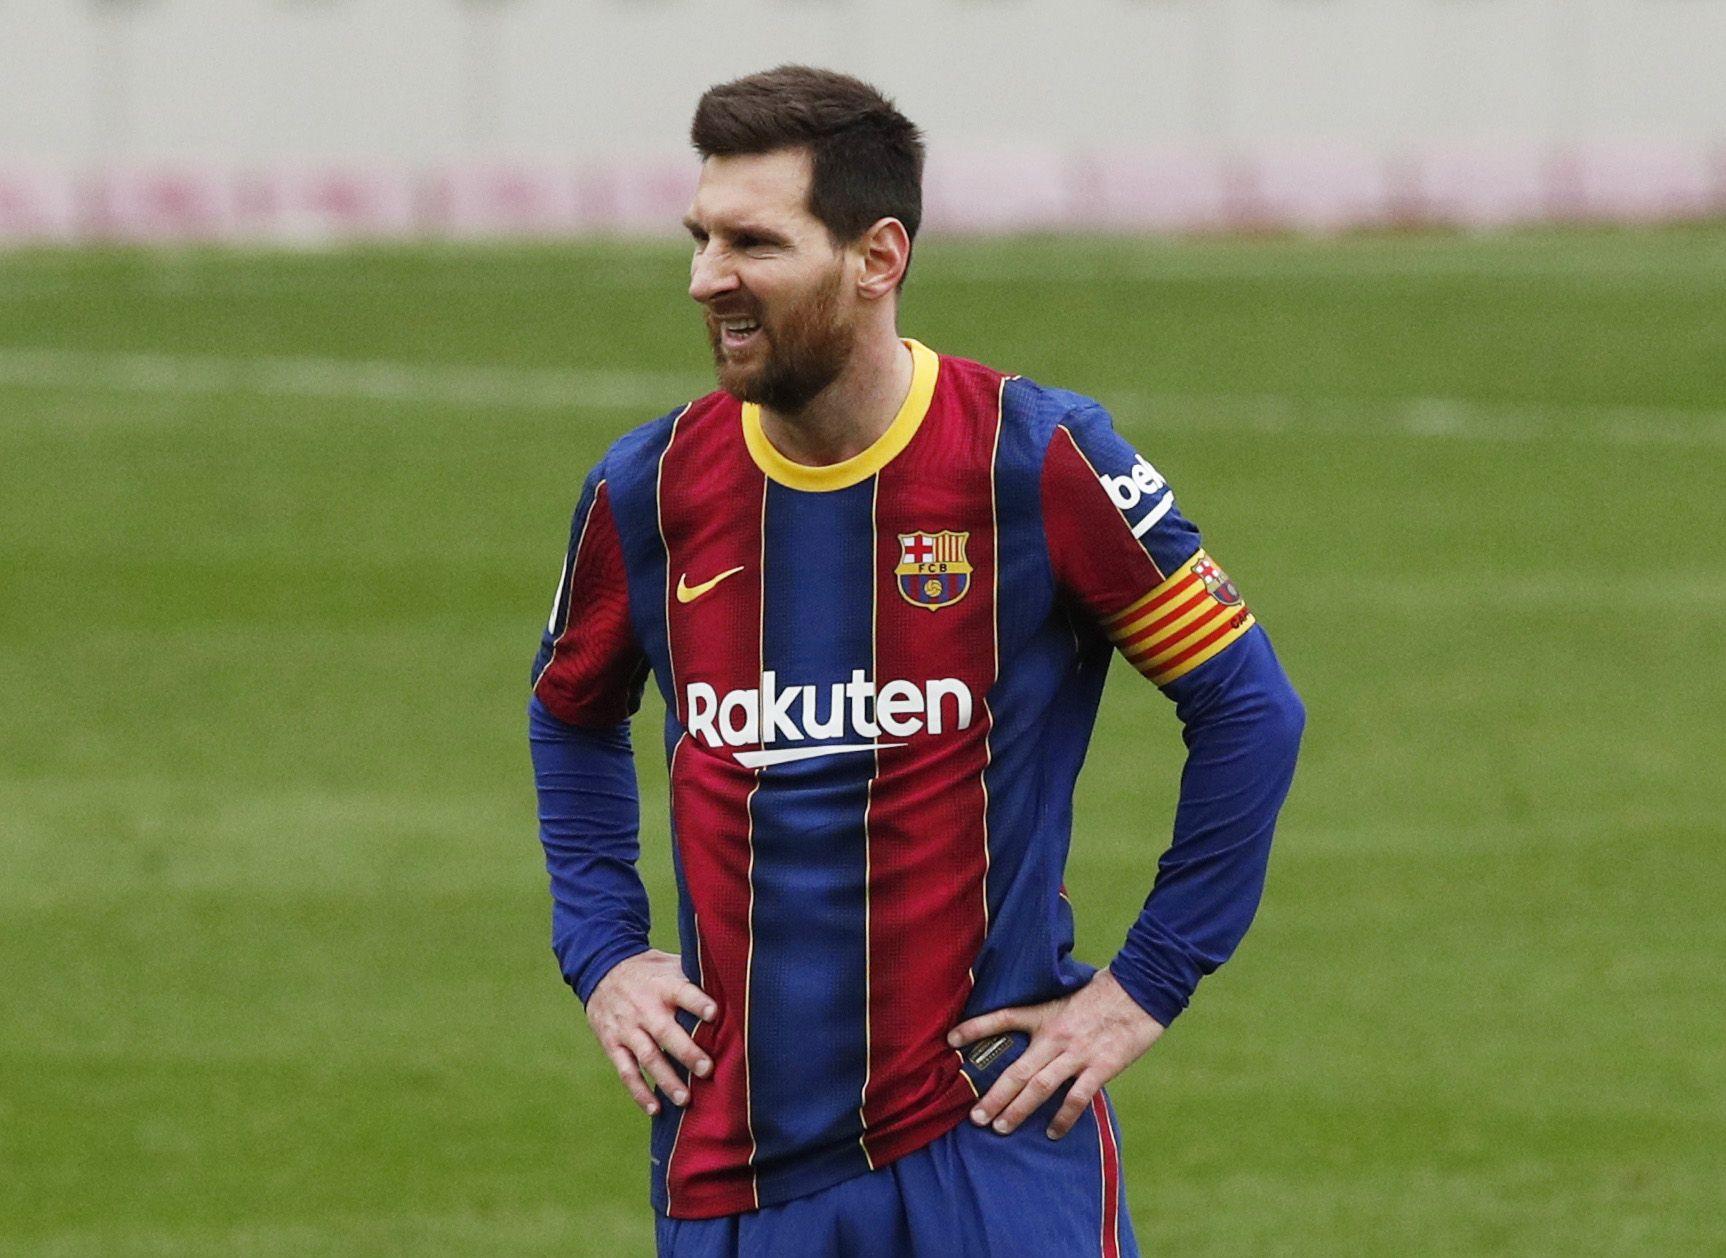 El brasileño también habló de cómo preparó los partidos cuando le tocó marcar a Lionel Messi (REUTERS/Albert Gea)